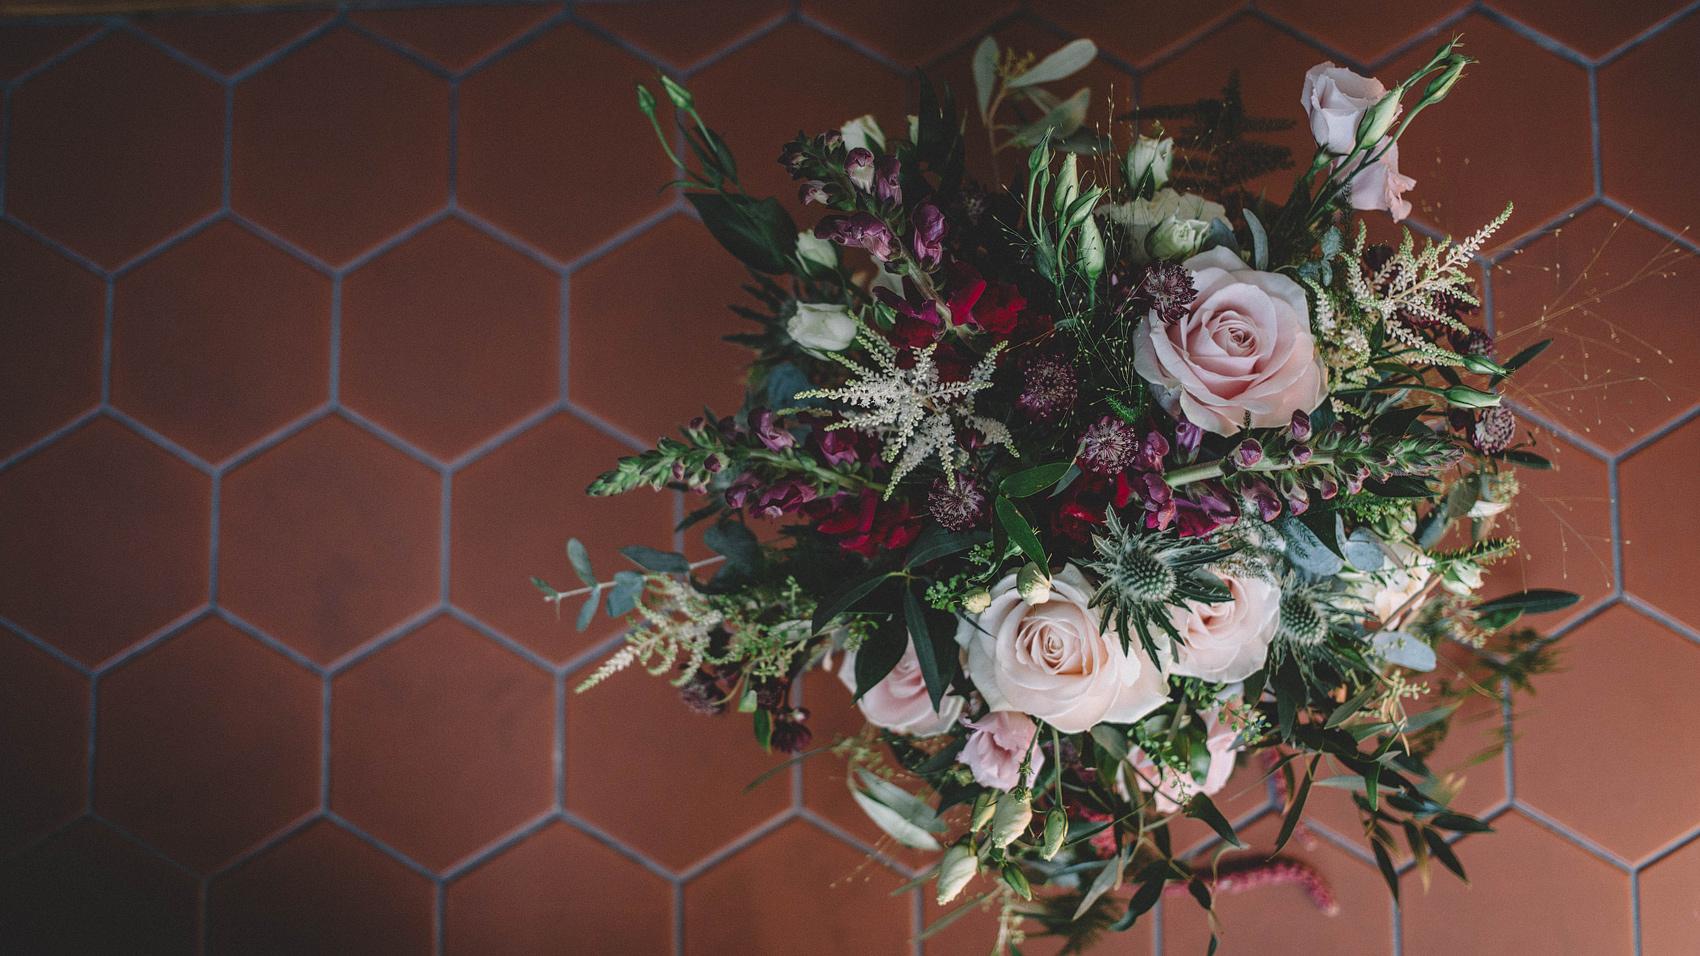 Inglewood_Manor_Wedding_Photography_-_Claire_Basiuk_Cheshire_Photographer_-_08_09.jpg